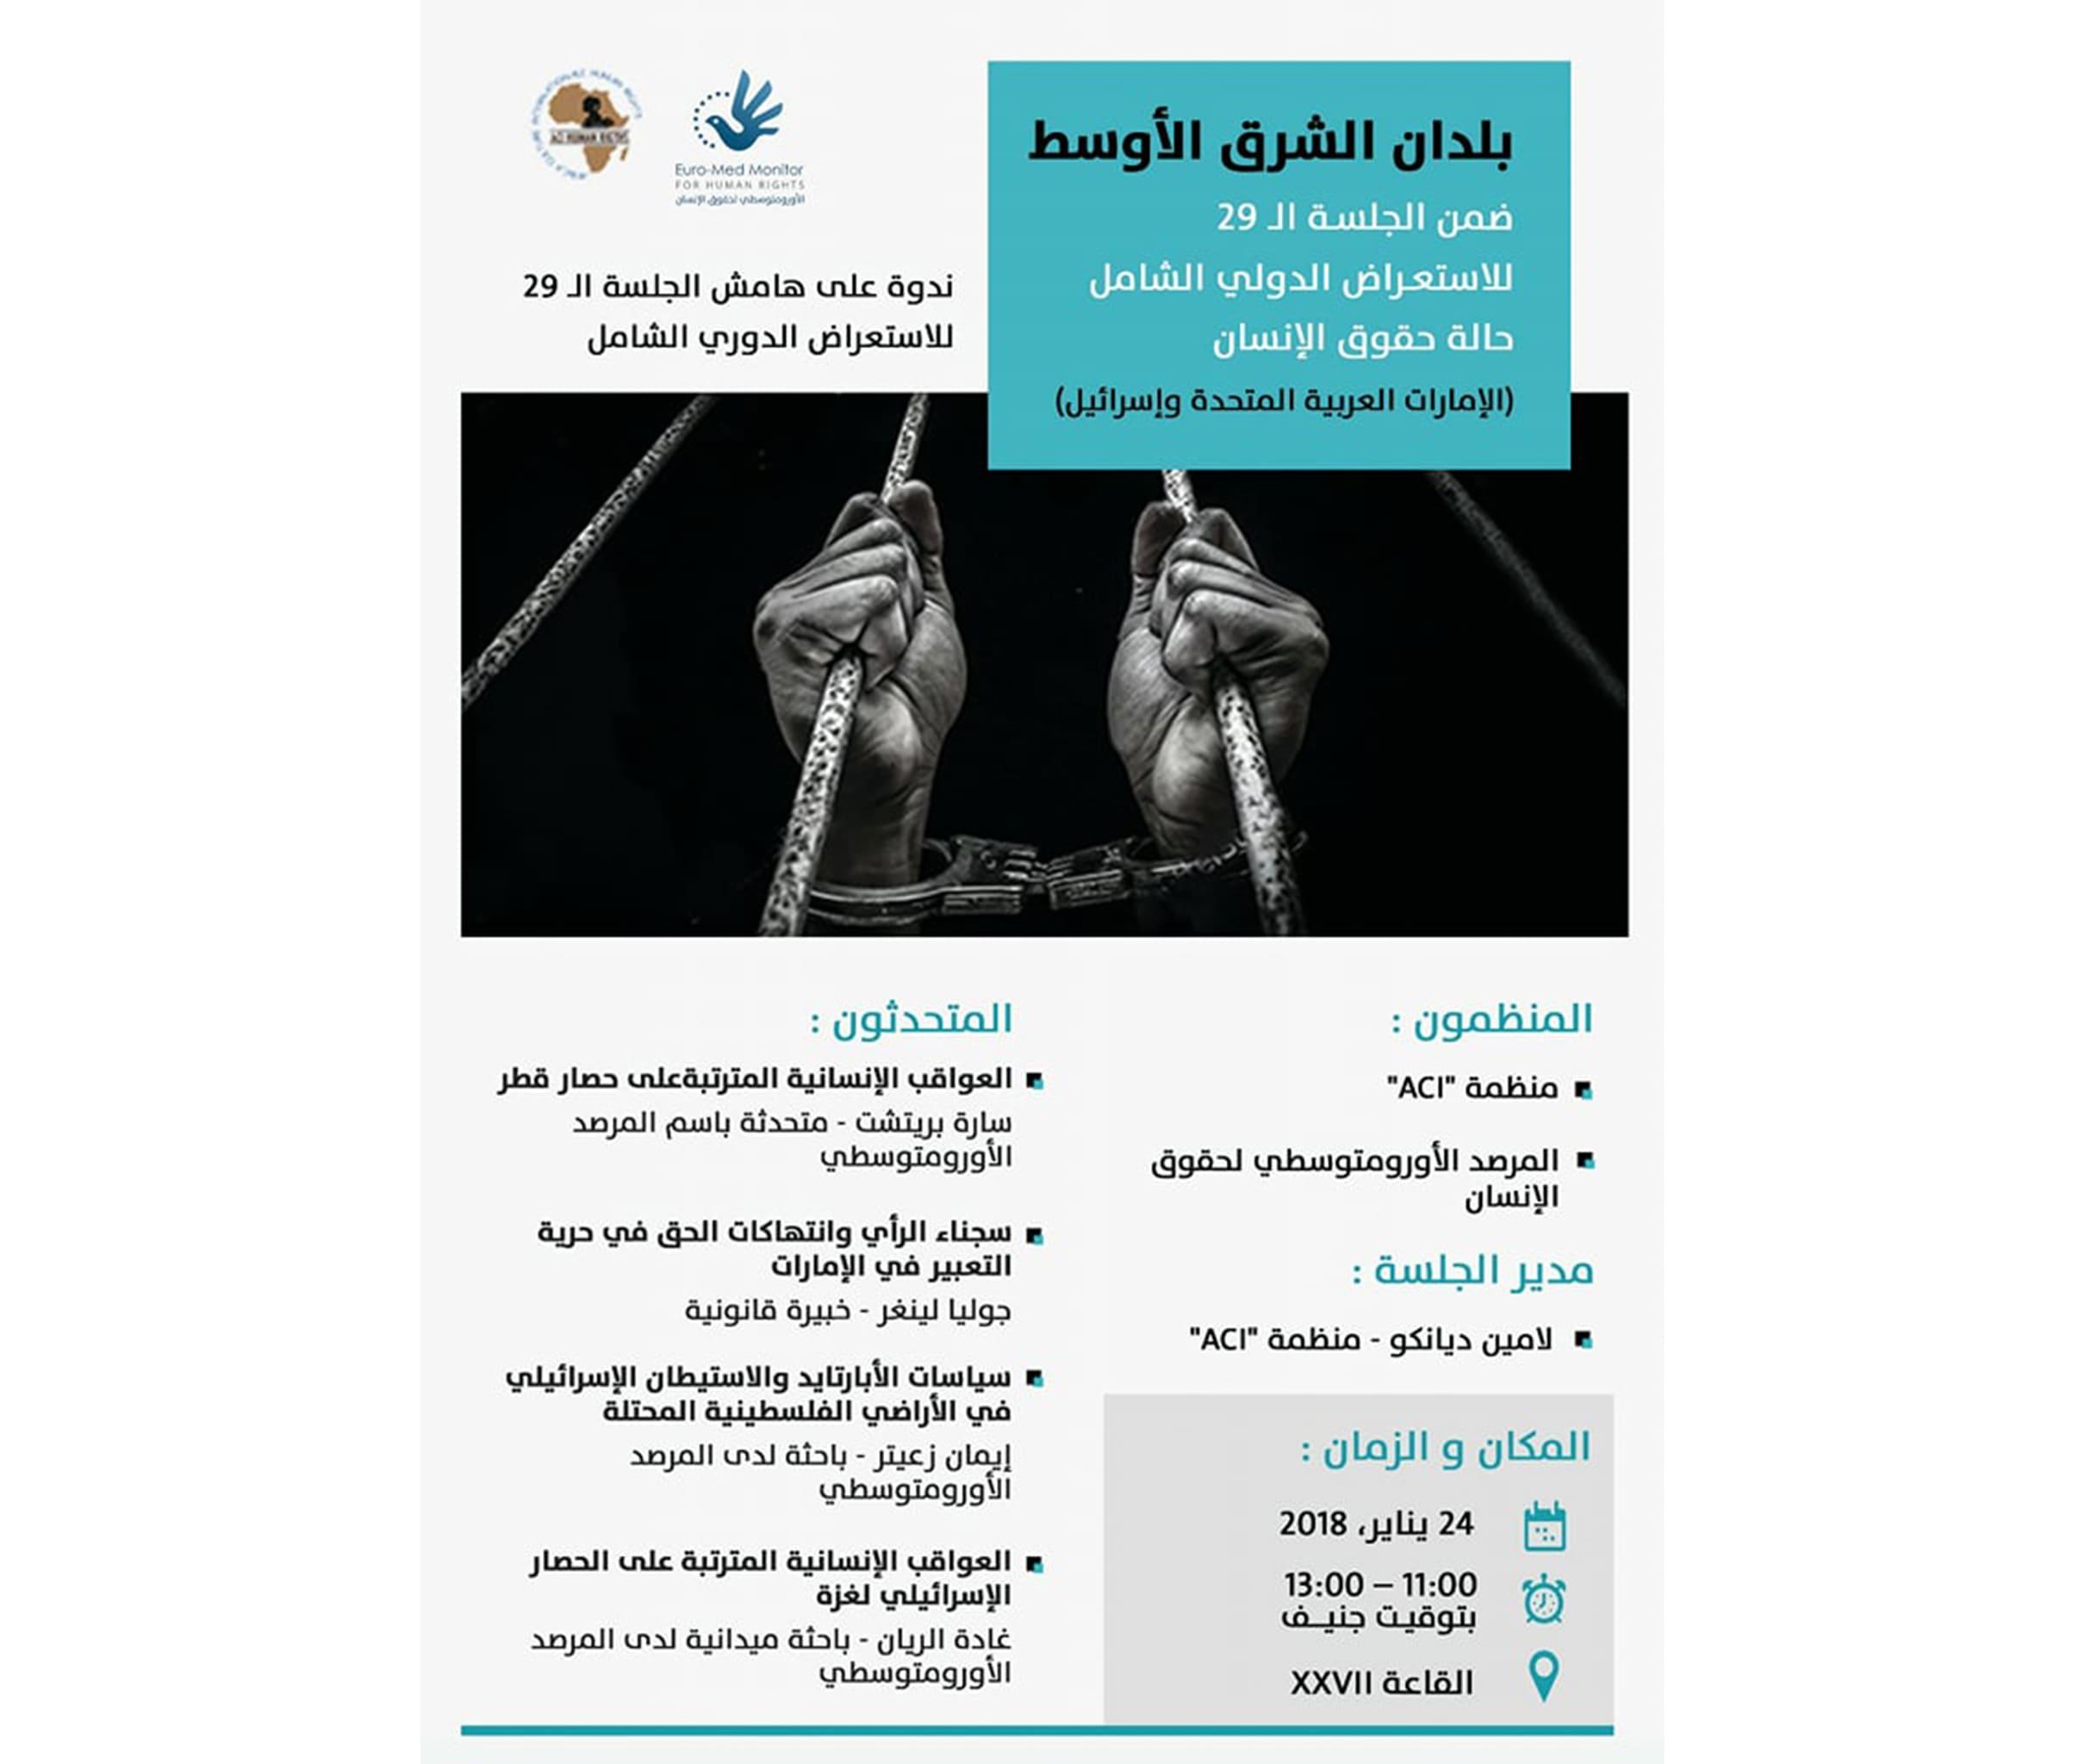 على هامش الاستعراض الدوري الشامل..ندوة في جنيف حول حالة حقوق الإنسان في الأراضي الفلسطينية والإمارات